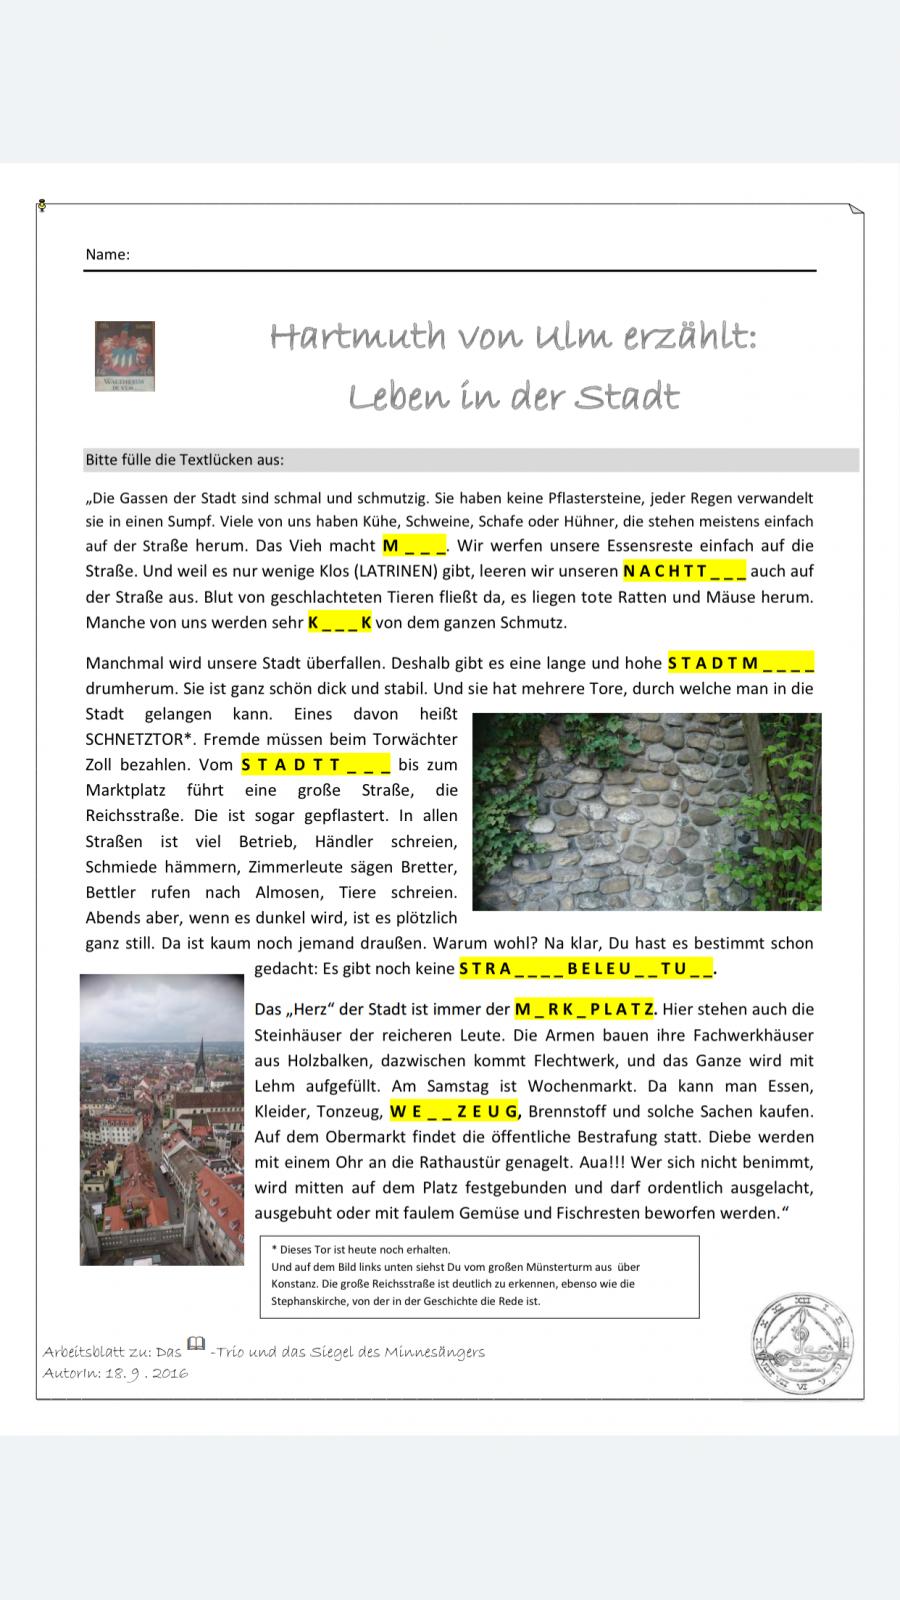 1 Hartmuth von Ulm erzählt Leben in der Stadt